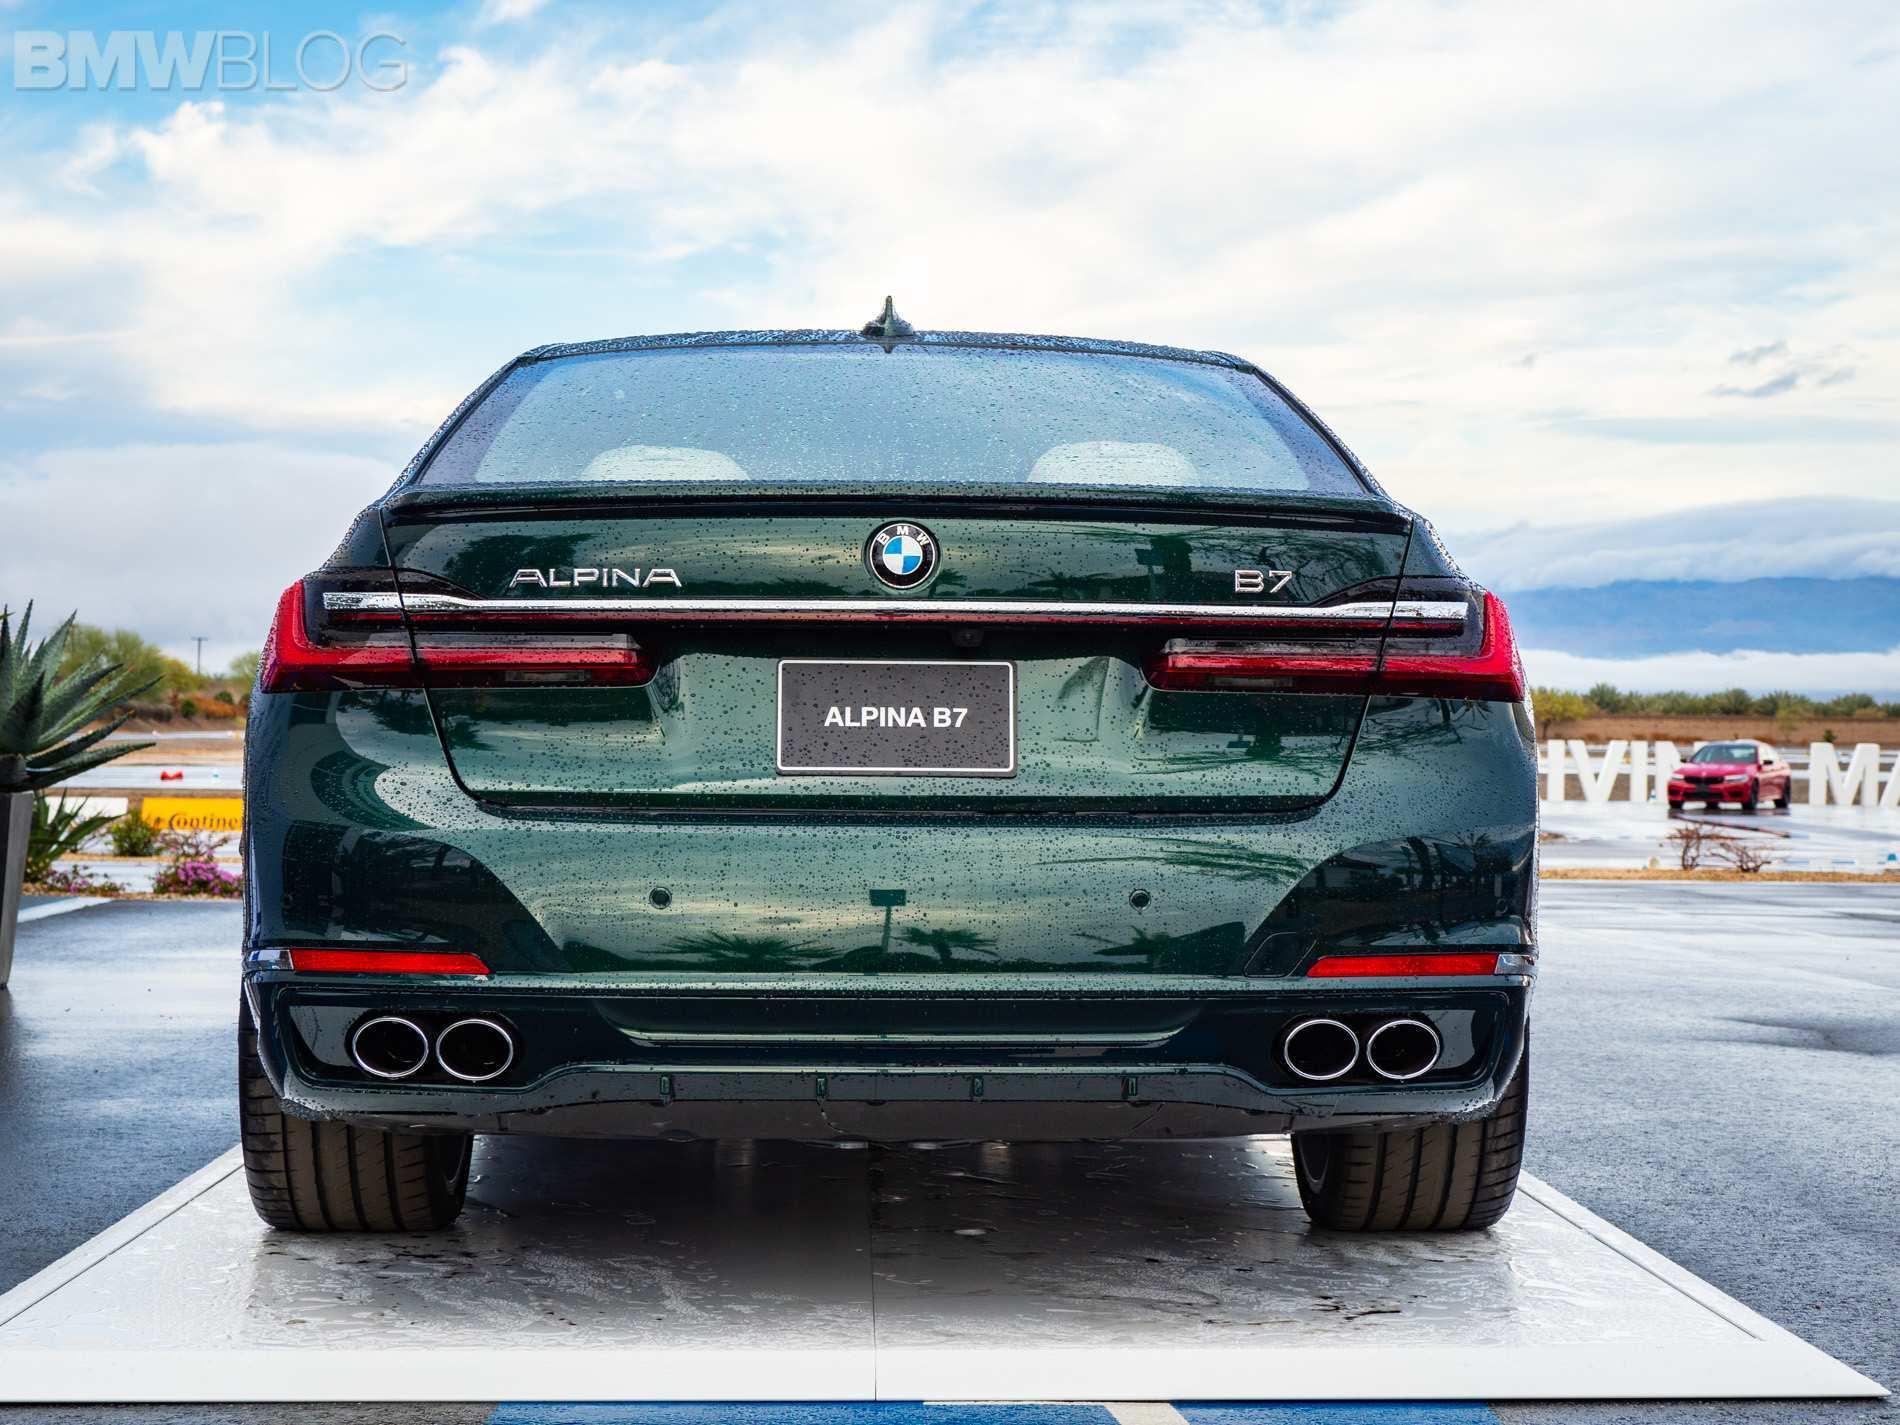 90 Great BMW Alpina B7 2020 Price Specs for BMW Alpina B7 2020 Price